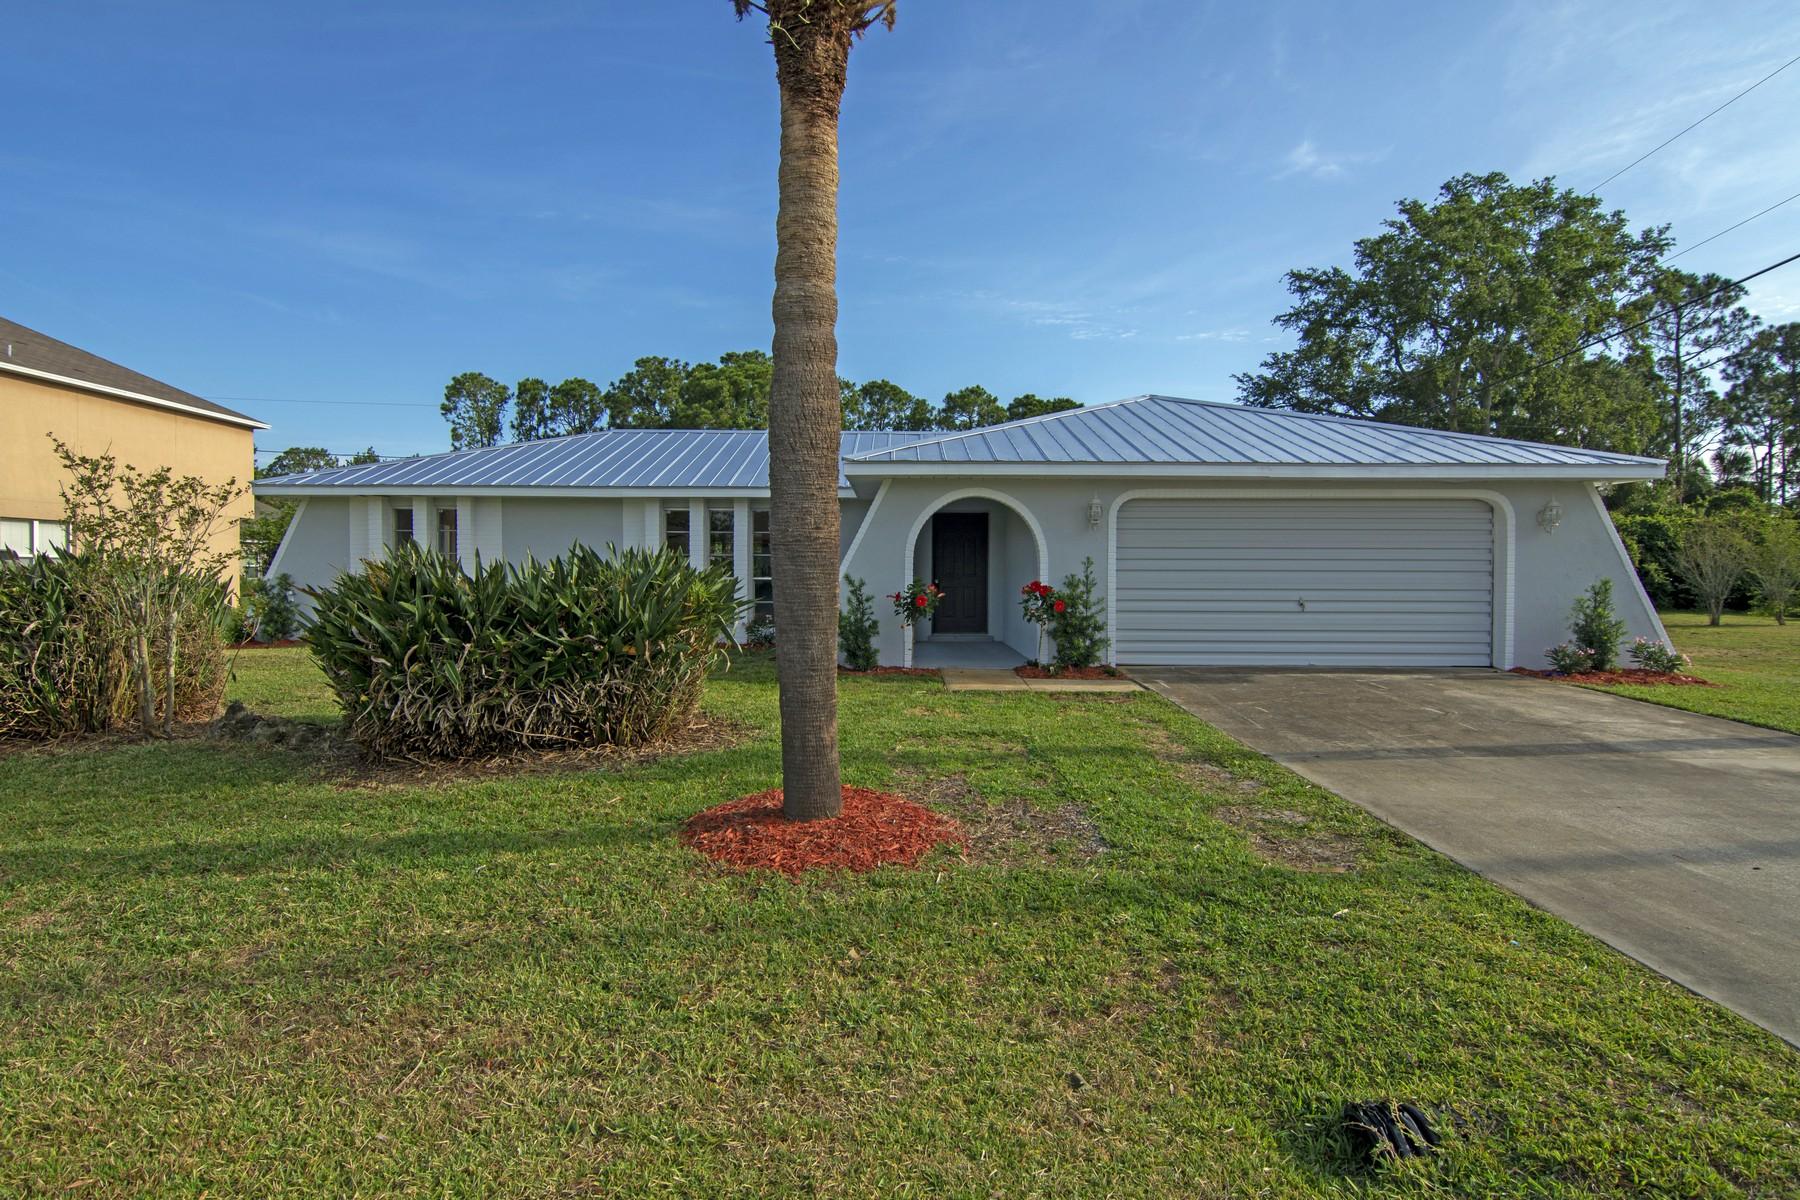 Μονοκατοικία για την Πώληση στο Remodeled CBS Home with Brand New Metal Roof 787 Empress Street SE #9 Palm Bay, Φλοριντα 32909 Ηνωμενεσ Πολιτειεσ